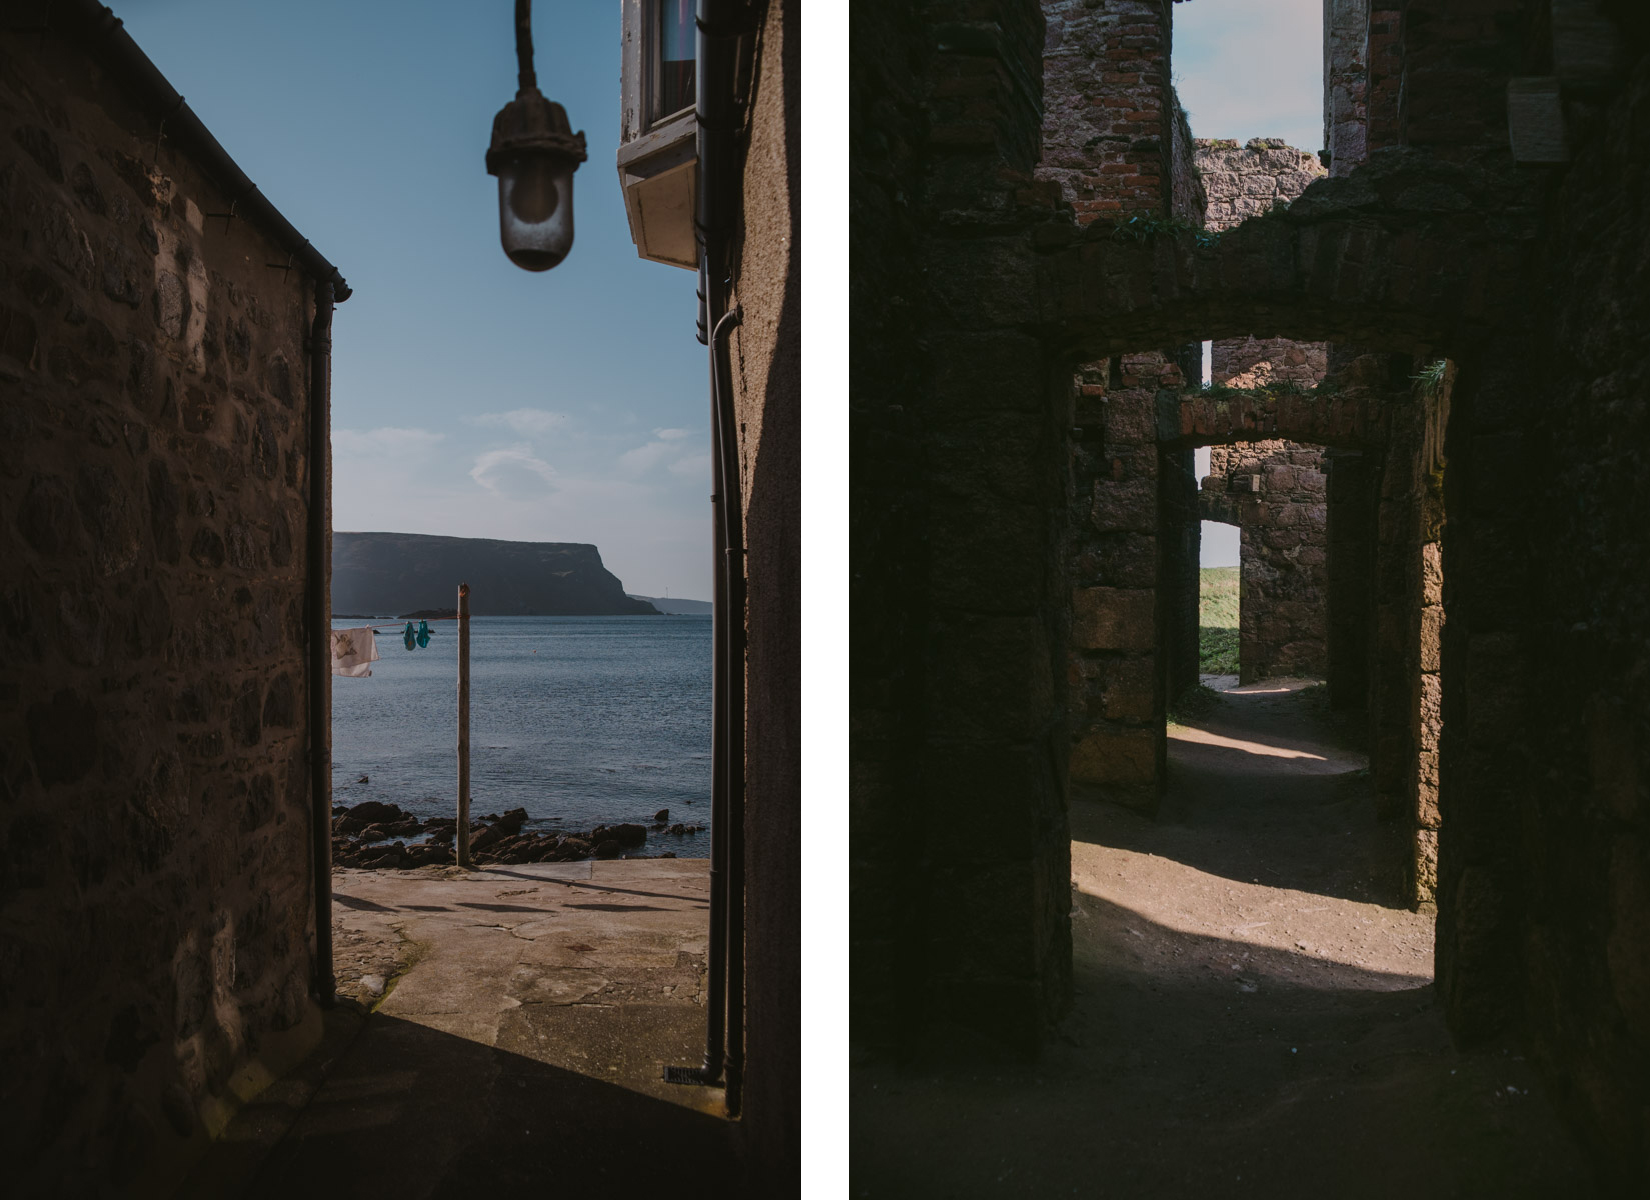 A diptych with on the left a detail of the village of Crovie and on the right ruins of a Scottish castle, un dittico con a destra rovine di un castello scozzese e a sinistra un dettaglio del villaggio di Crovie